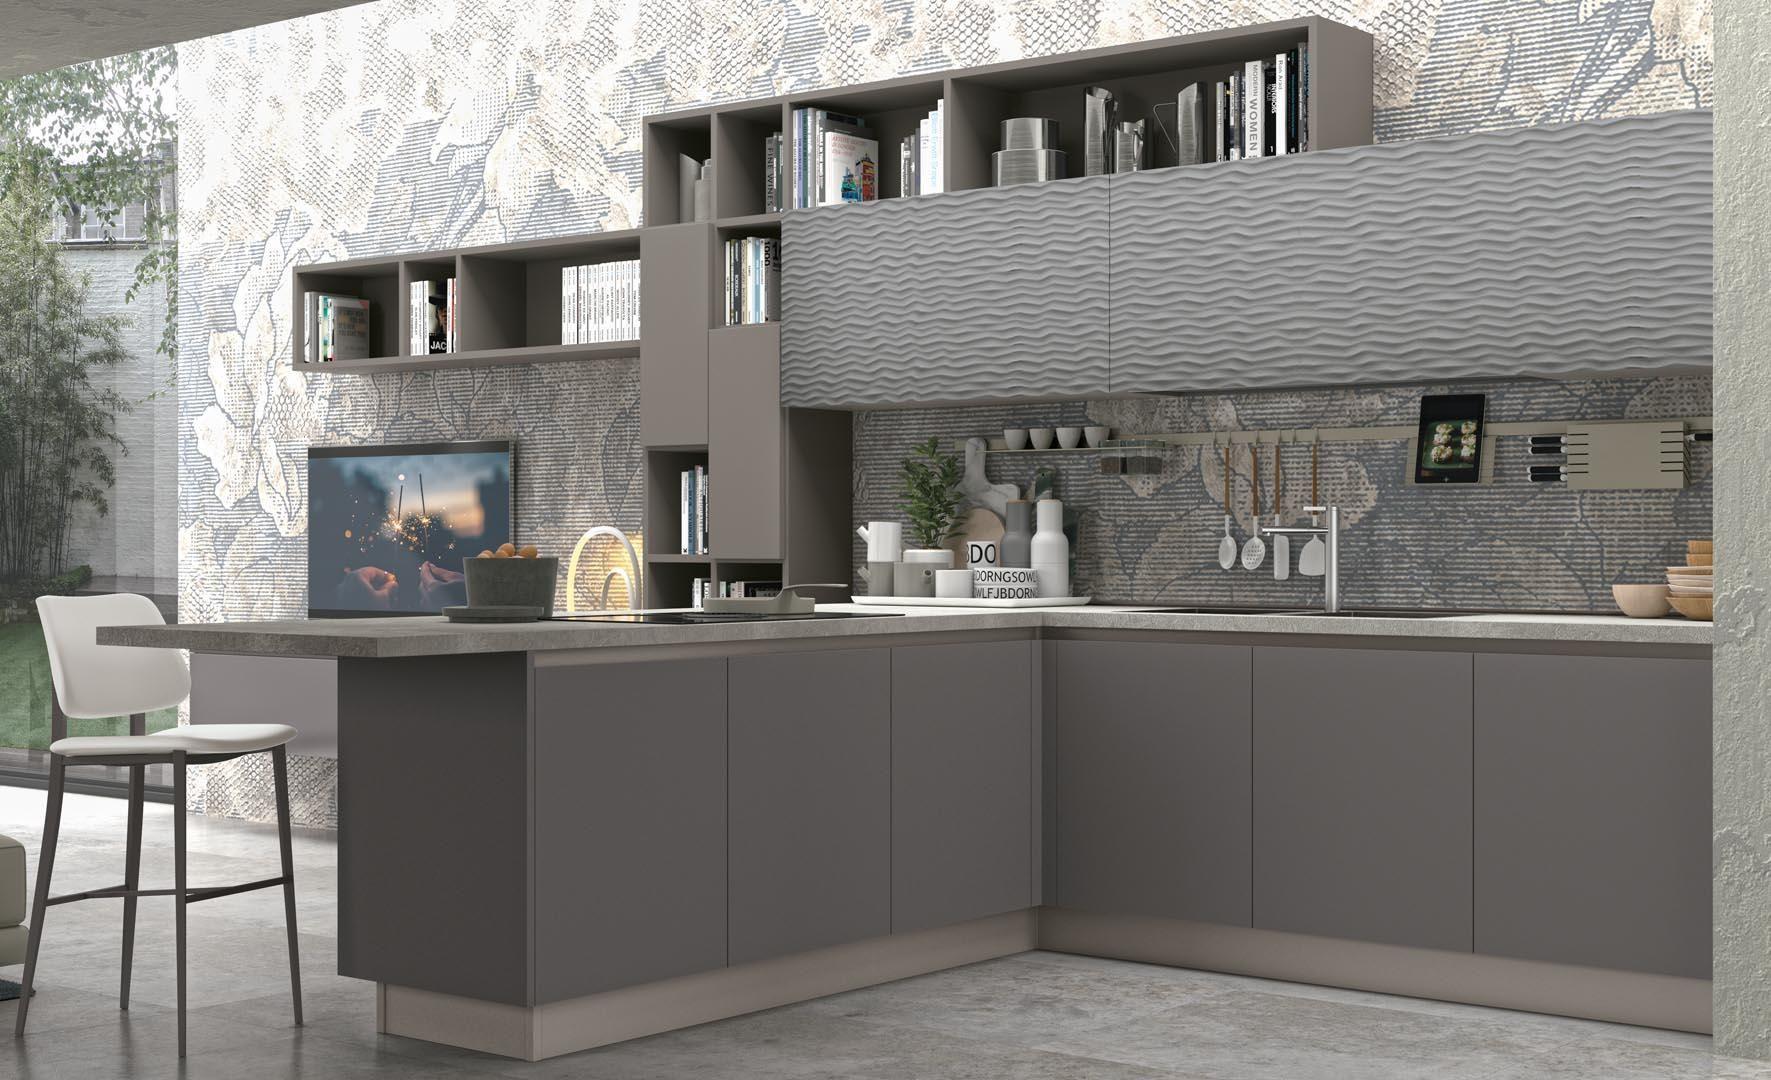 Clover Bridge Cucine Lube Cucine Moderne Arredo Interni Cucina Foto Cucina